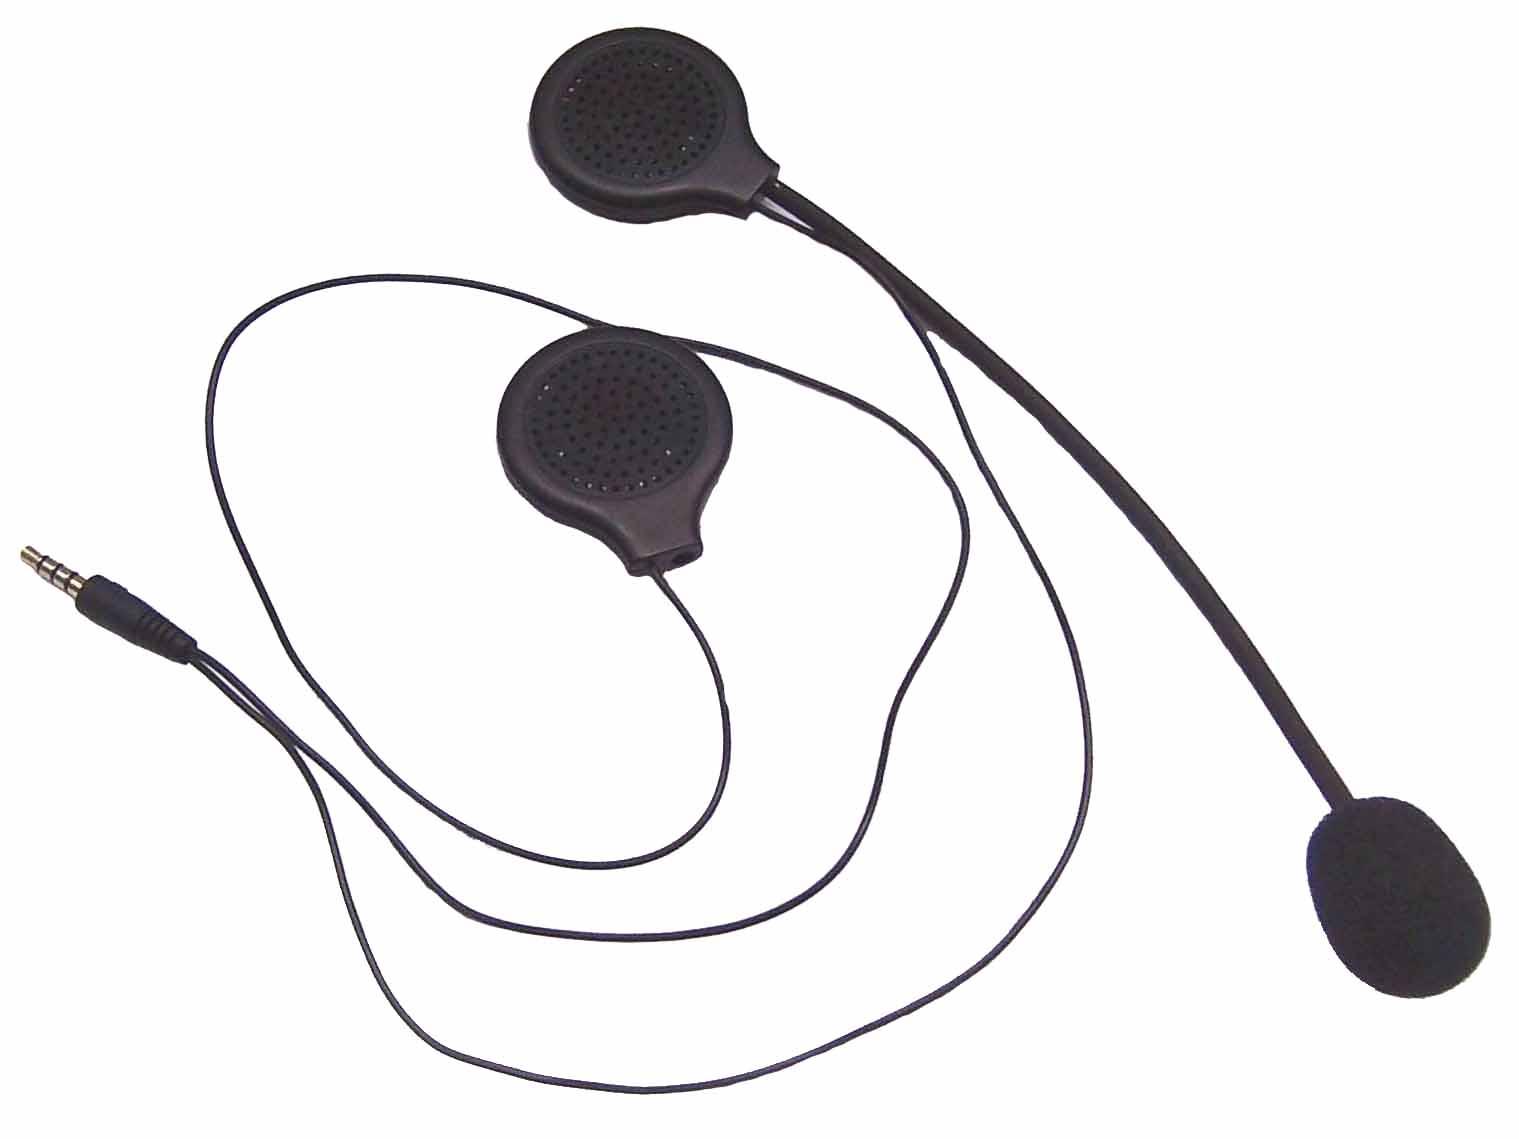 Как из простых наушников сделать микрофон